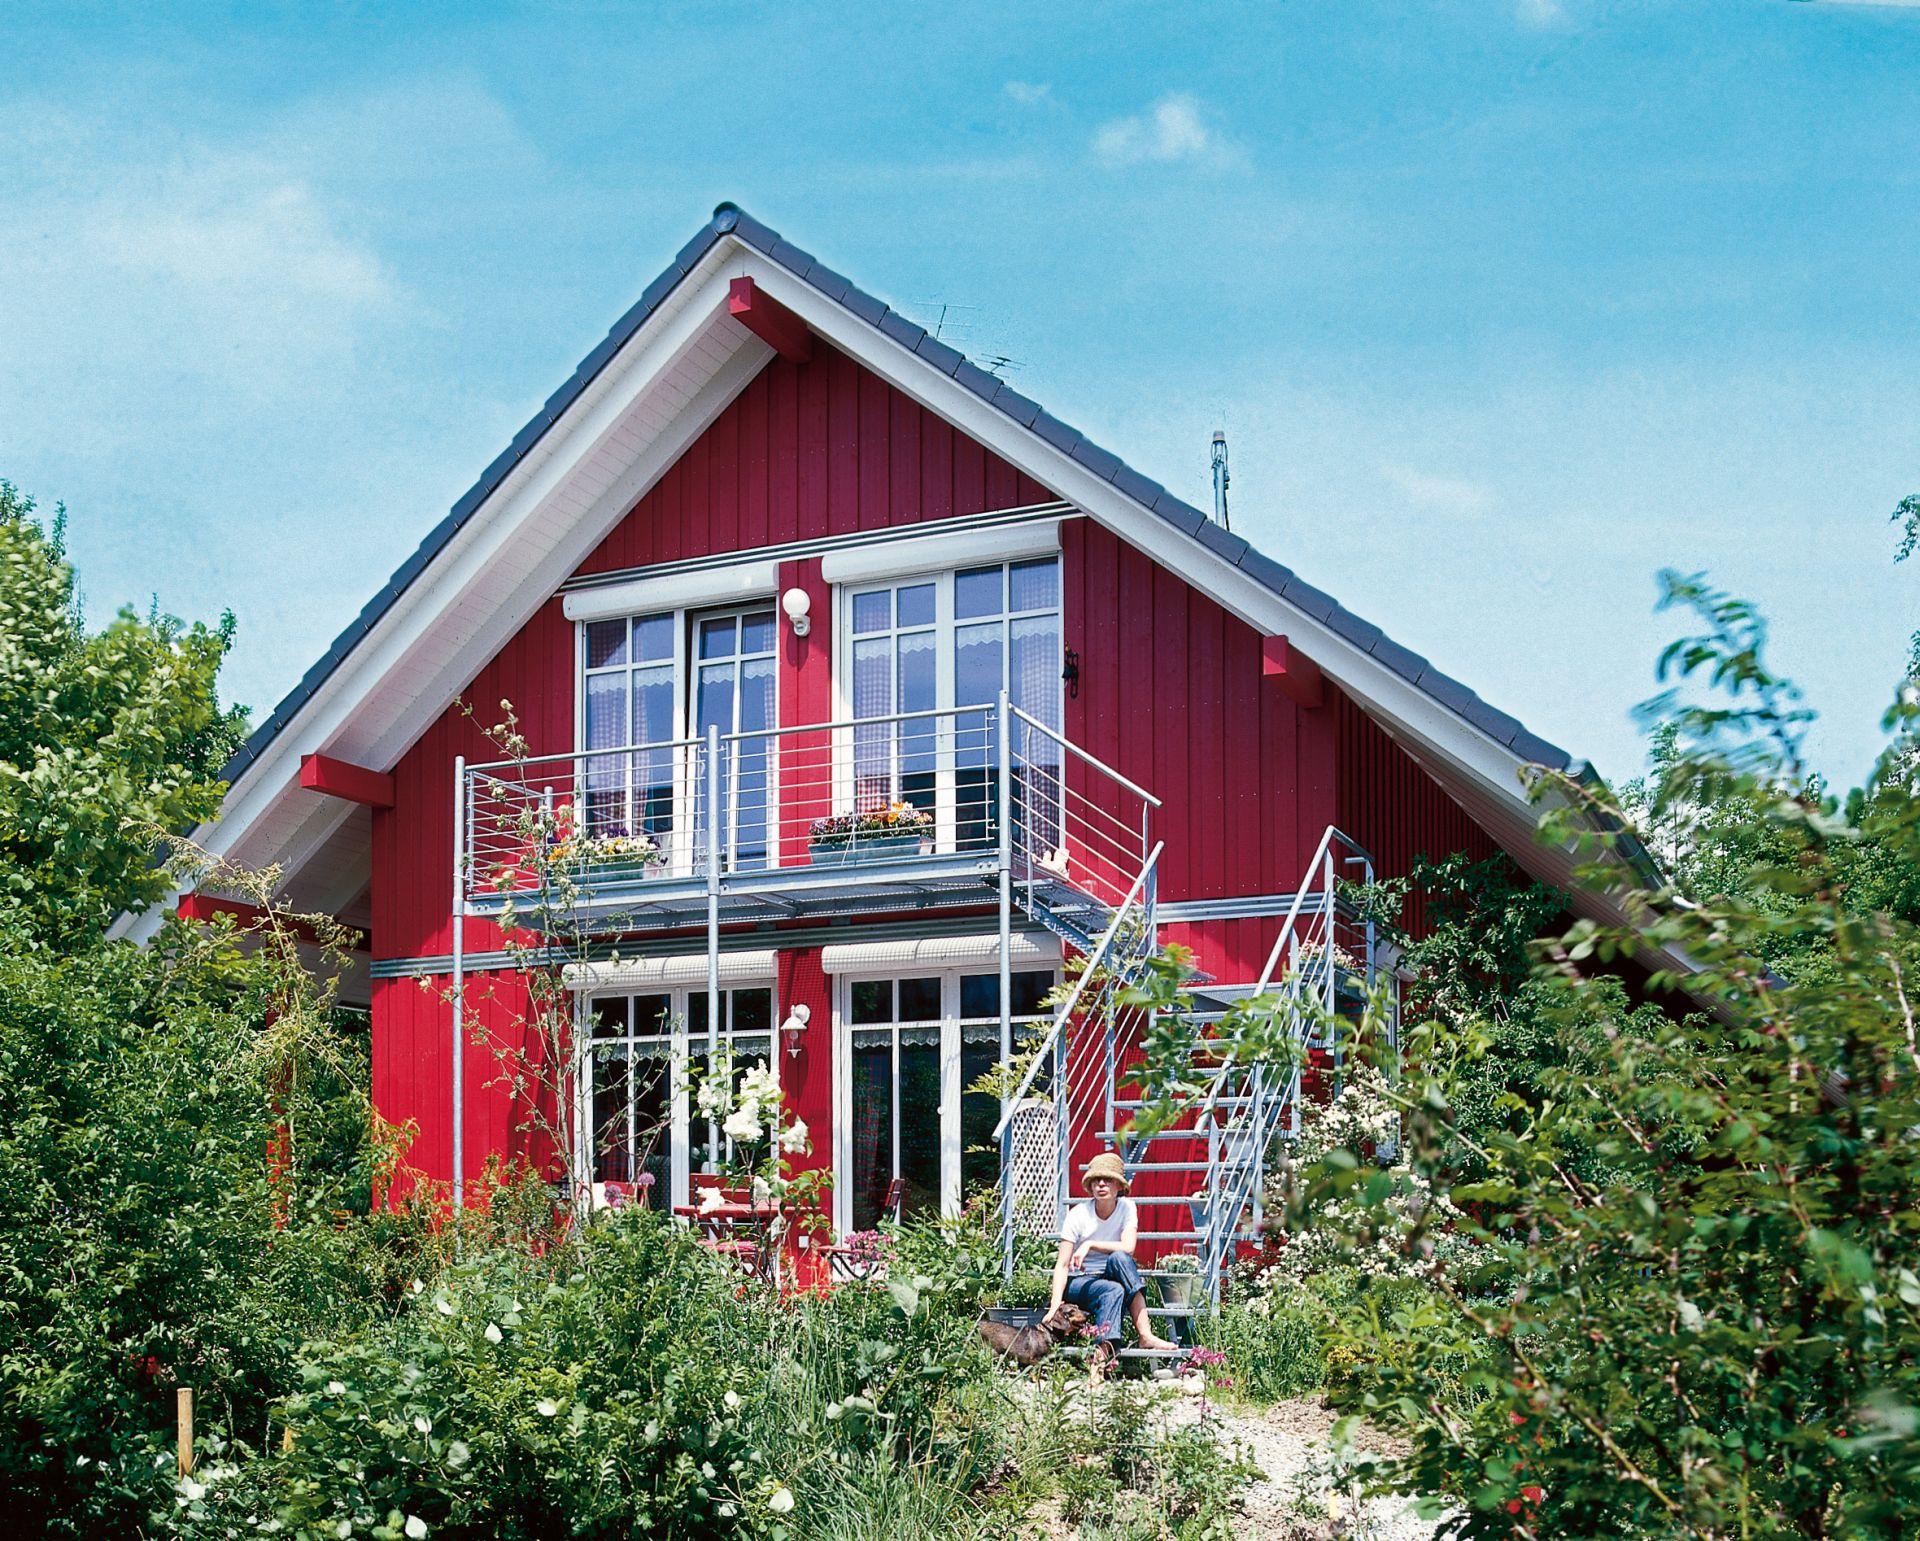 Exteriorul casei Simon construita de firma PLATZ. Fiind o casa mica, de vacanta, scara este prezenta in exterior pentru acces facil, dar si pentru a economisi spatiu util la interior.